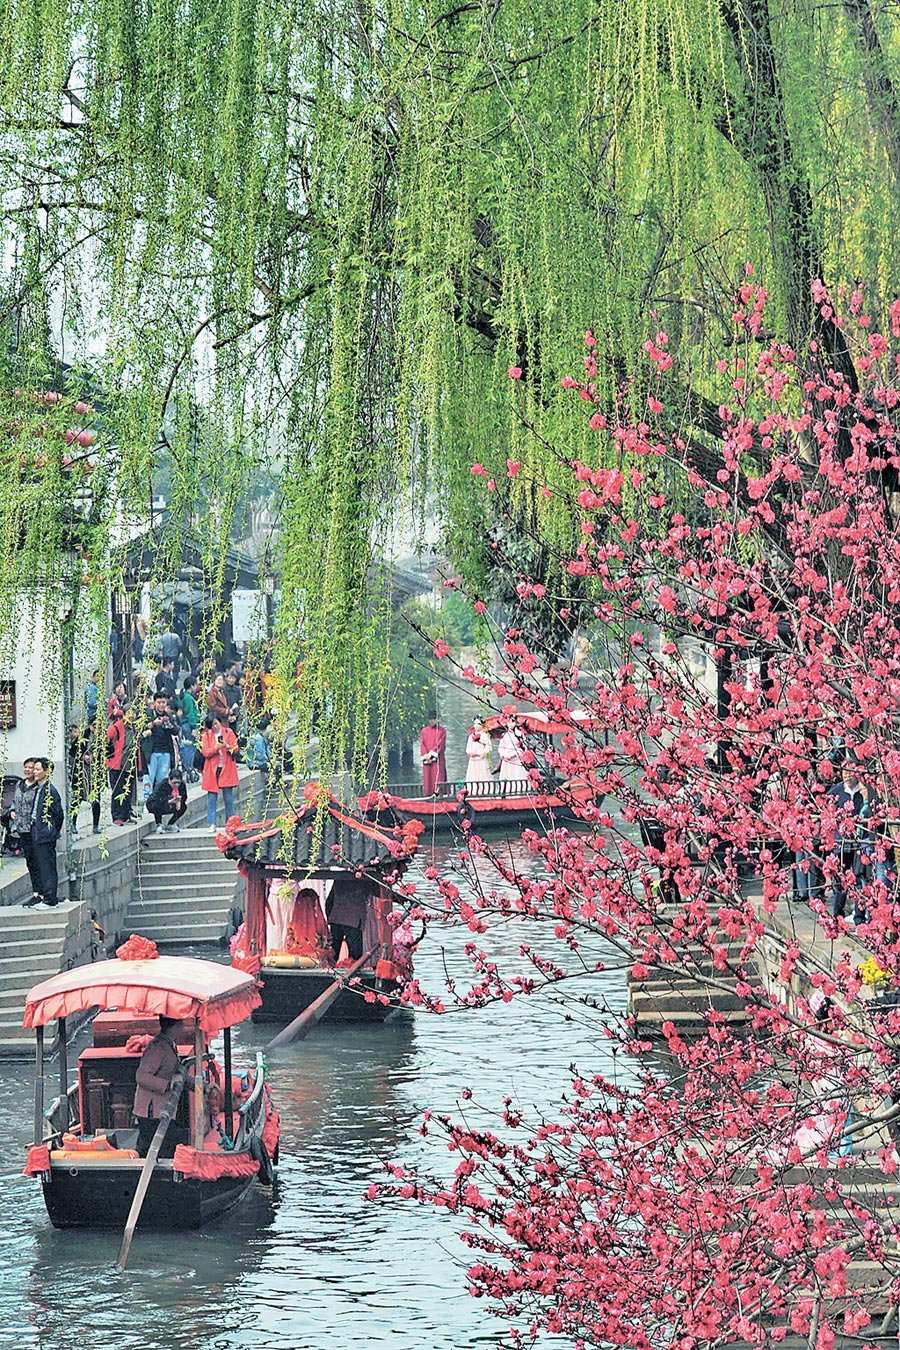 2019年3月30日,湖州市南潯鎮水鄉婚俗表演船隊行進在古河道上。 (新華社)